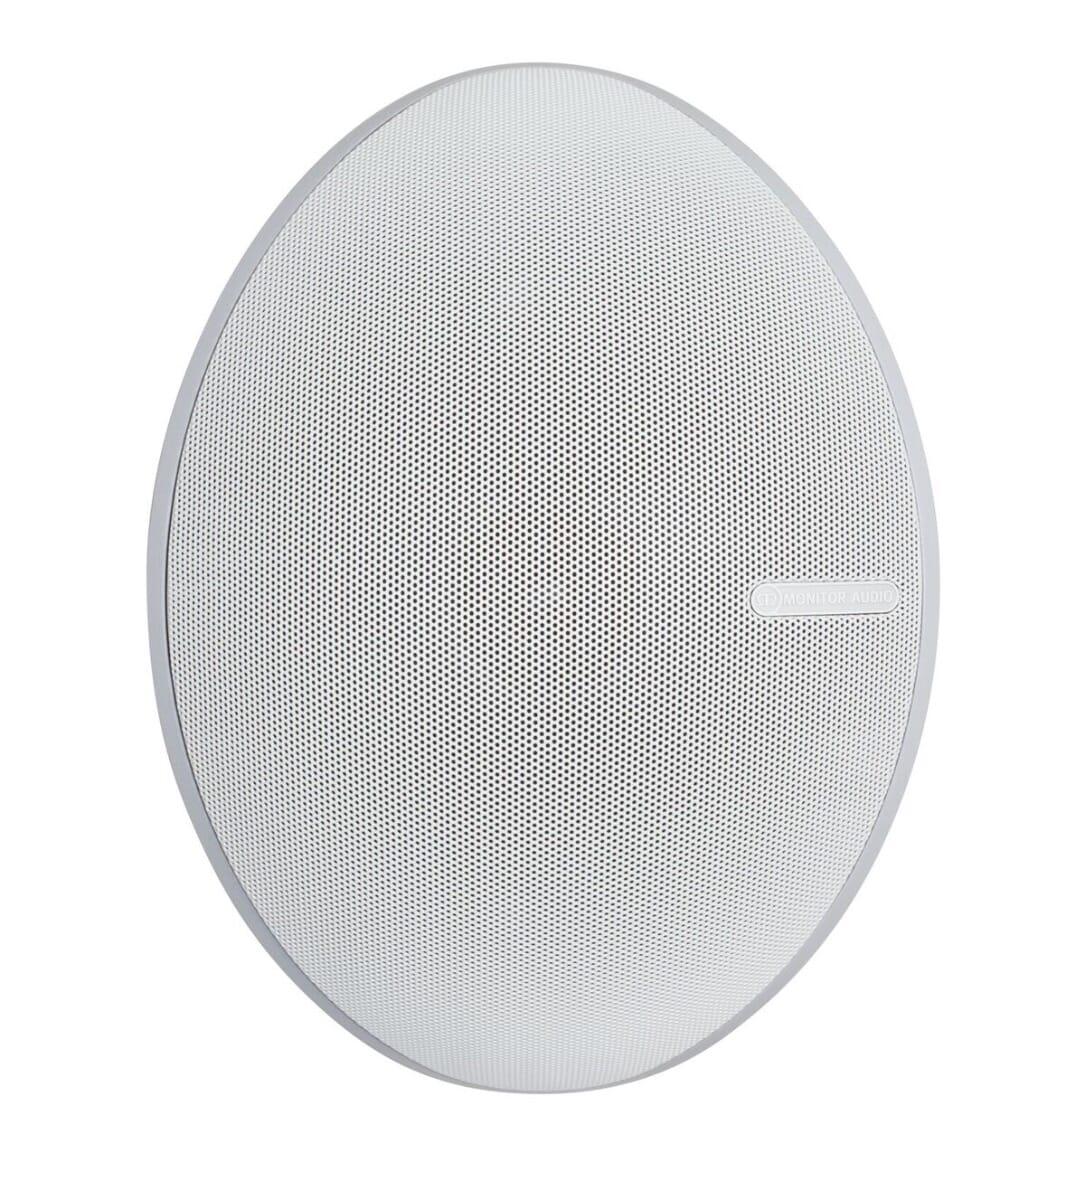 monitor audio v240 vecta on-wall speaker